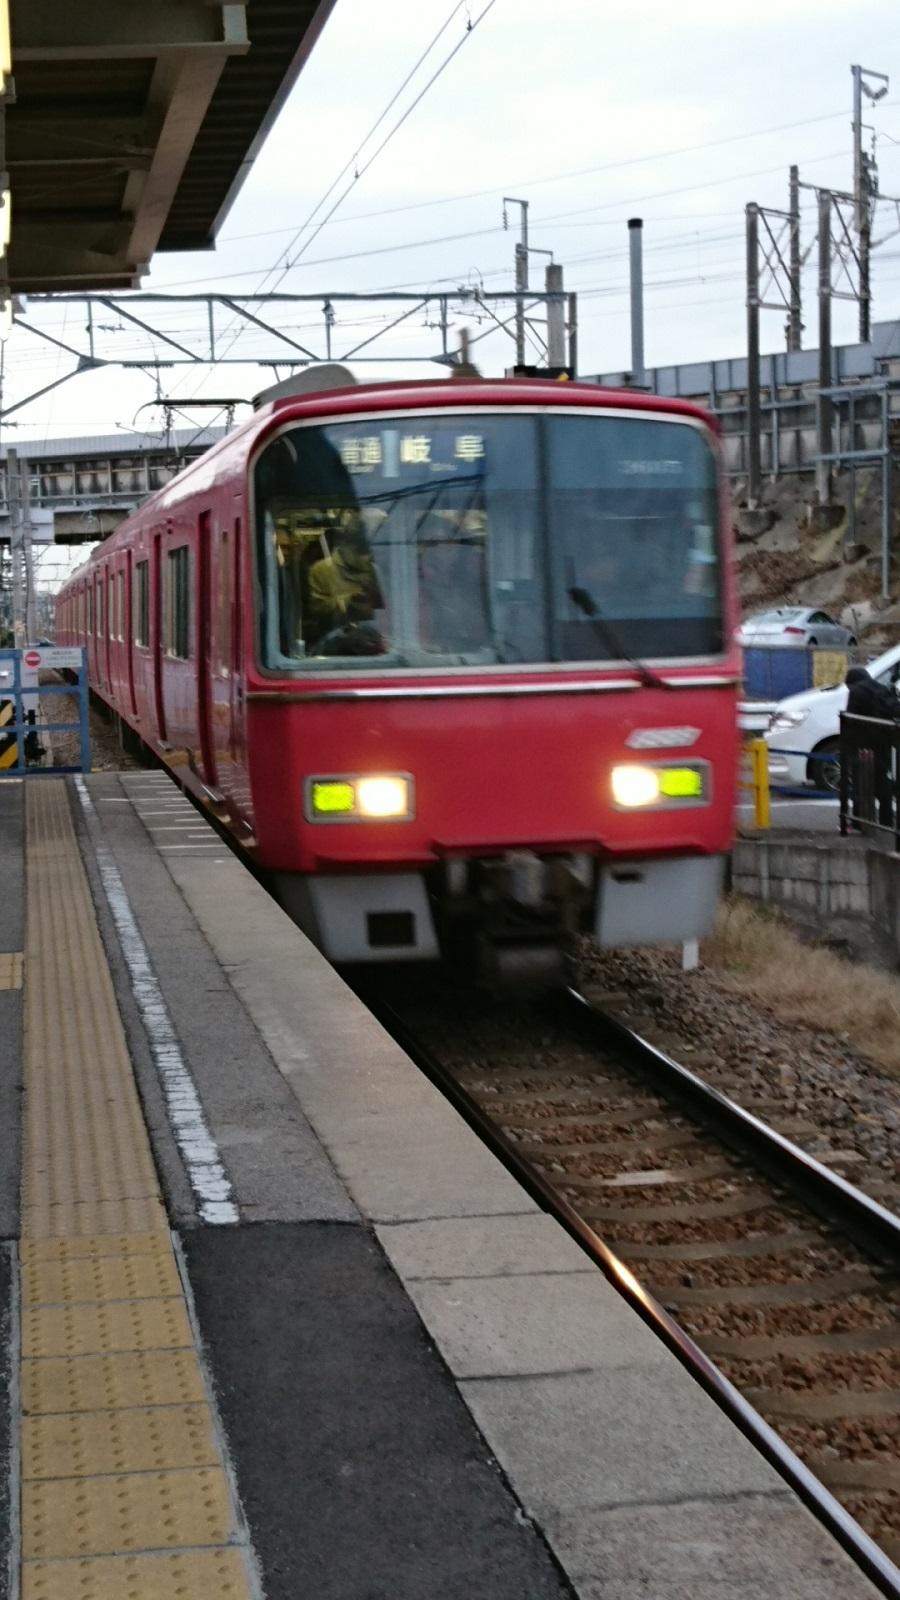 2017.1.6 (1) 古井 - 岐阜いきふつう 900-1600